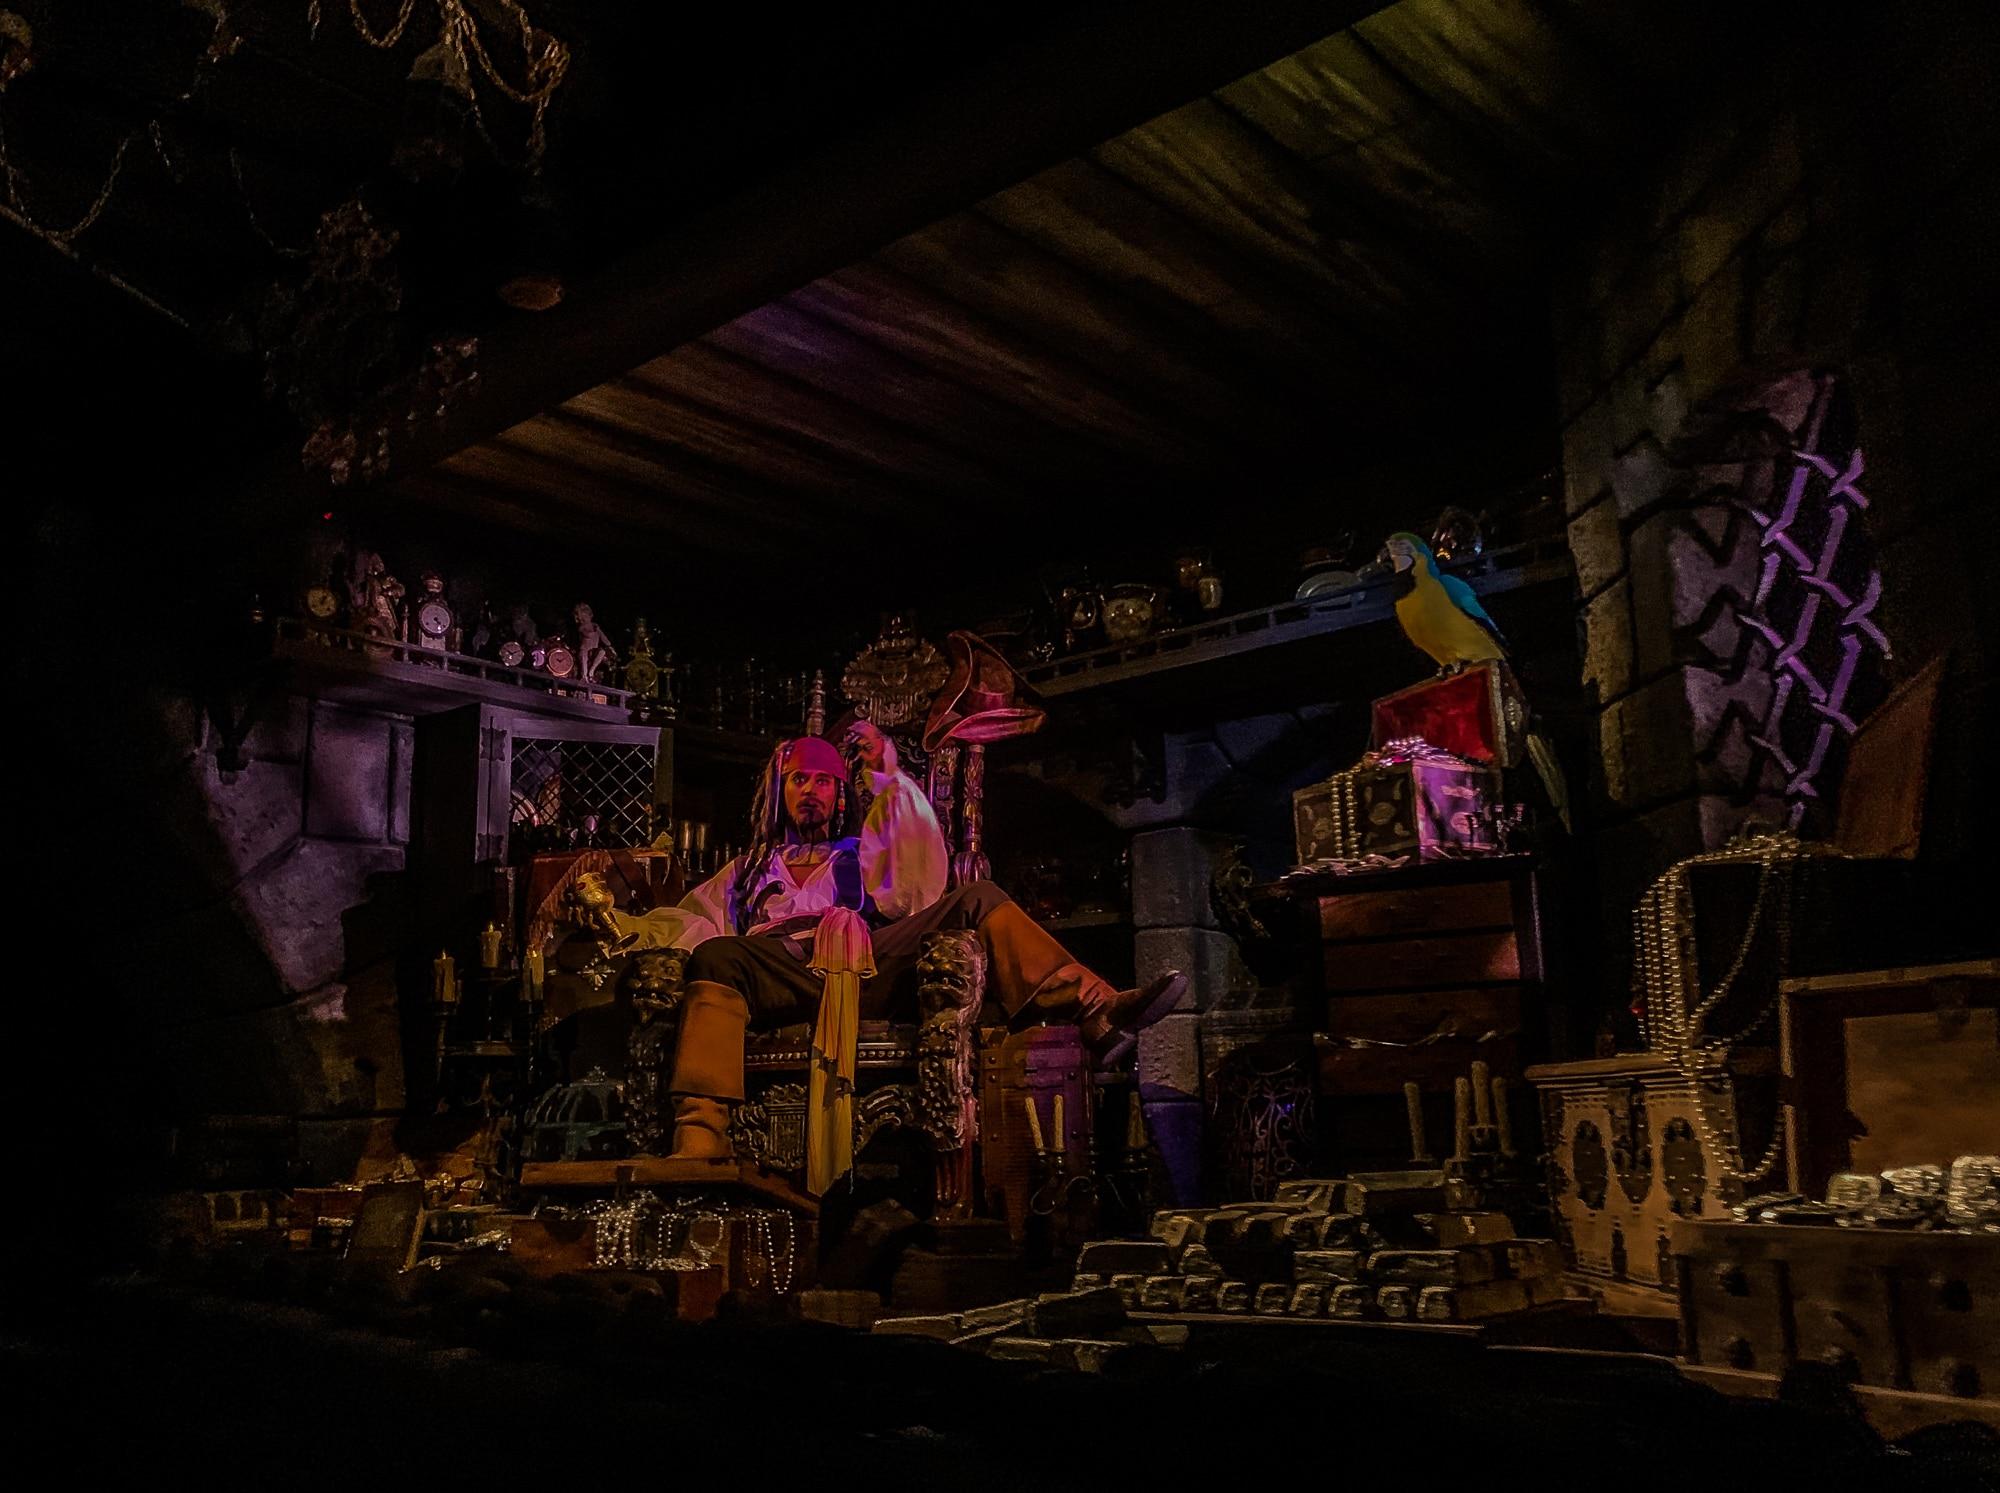 Disneyland Tokio: Meine Erfahrungen, Attraktionen und Highlights im Park - World Bazar